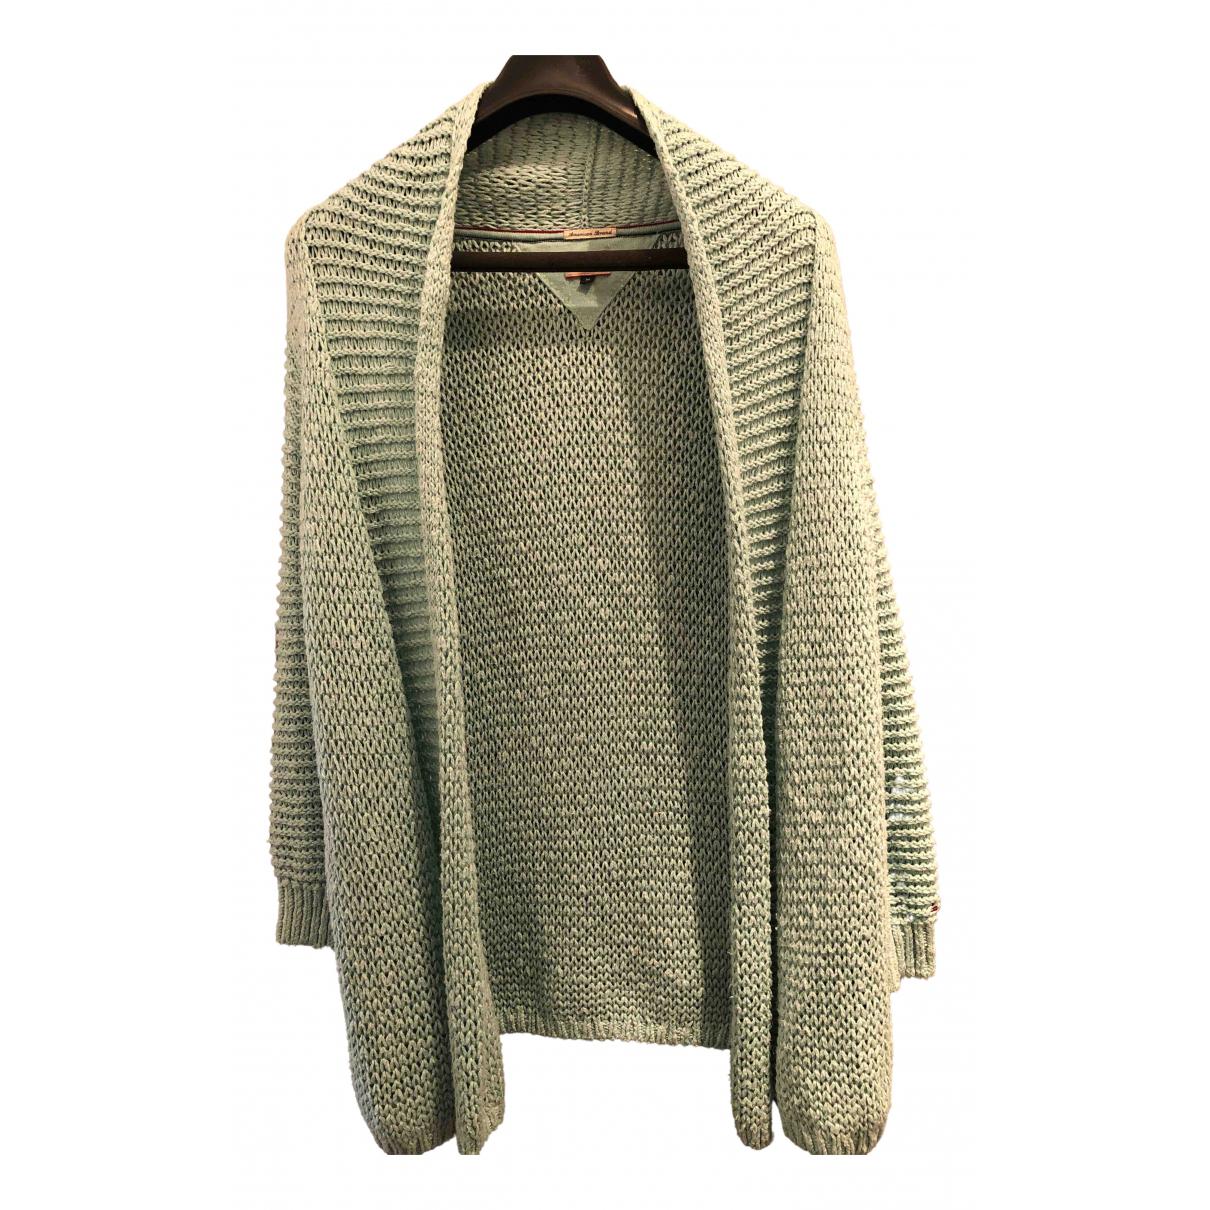 Tommy Jeans N Green Cotton Knitwear for Women M International